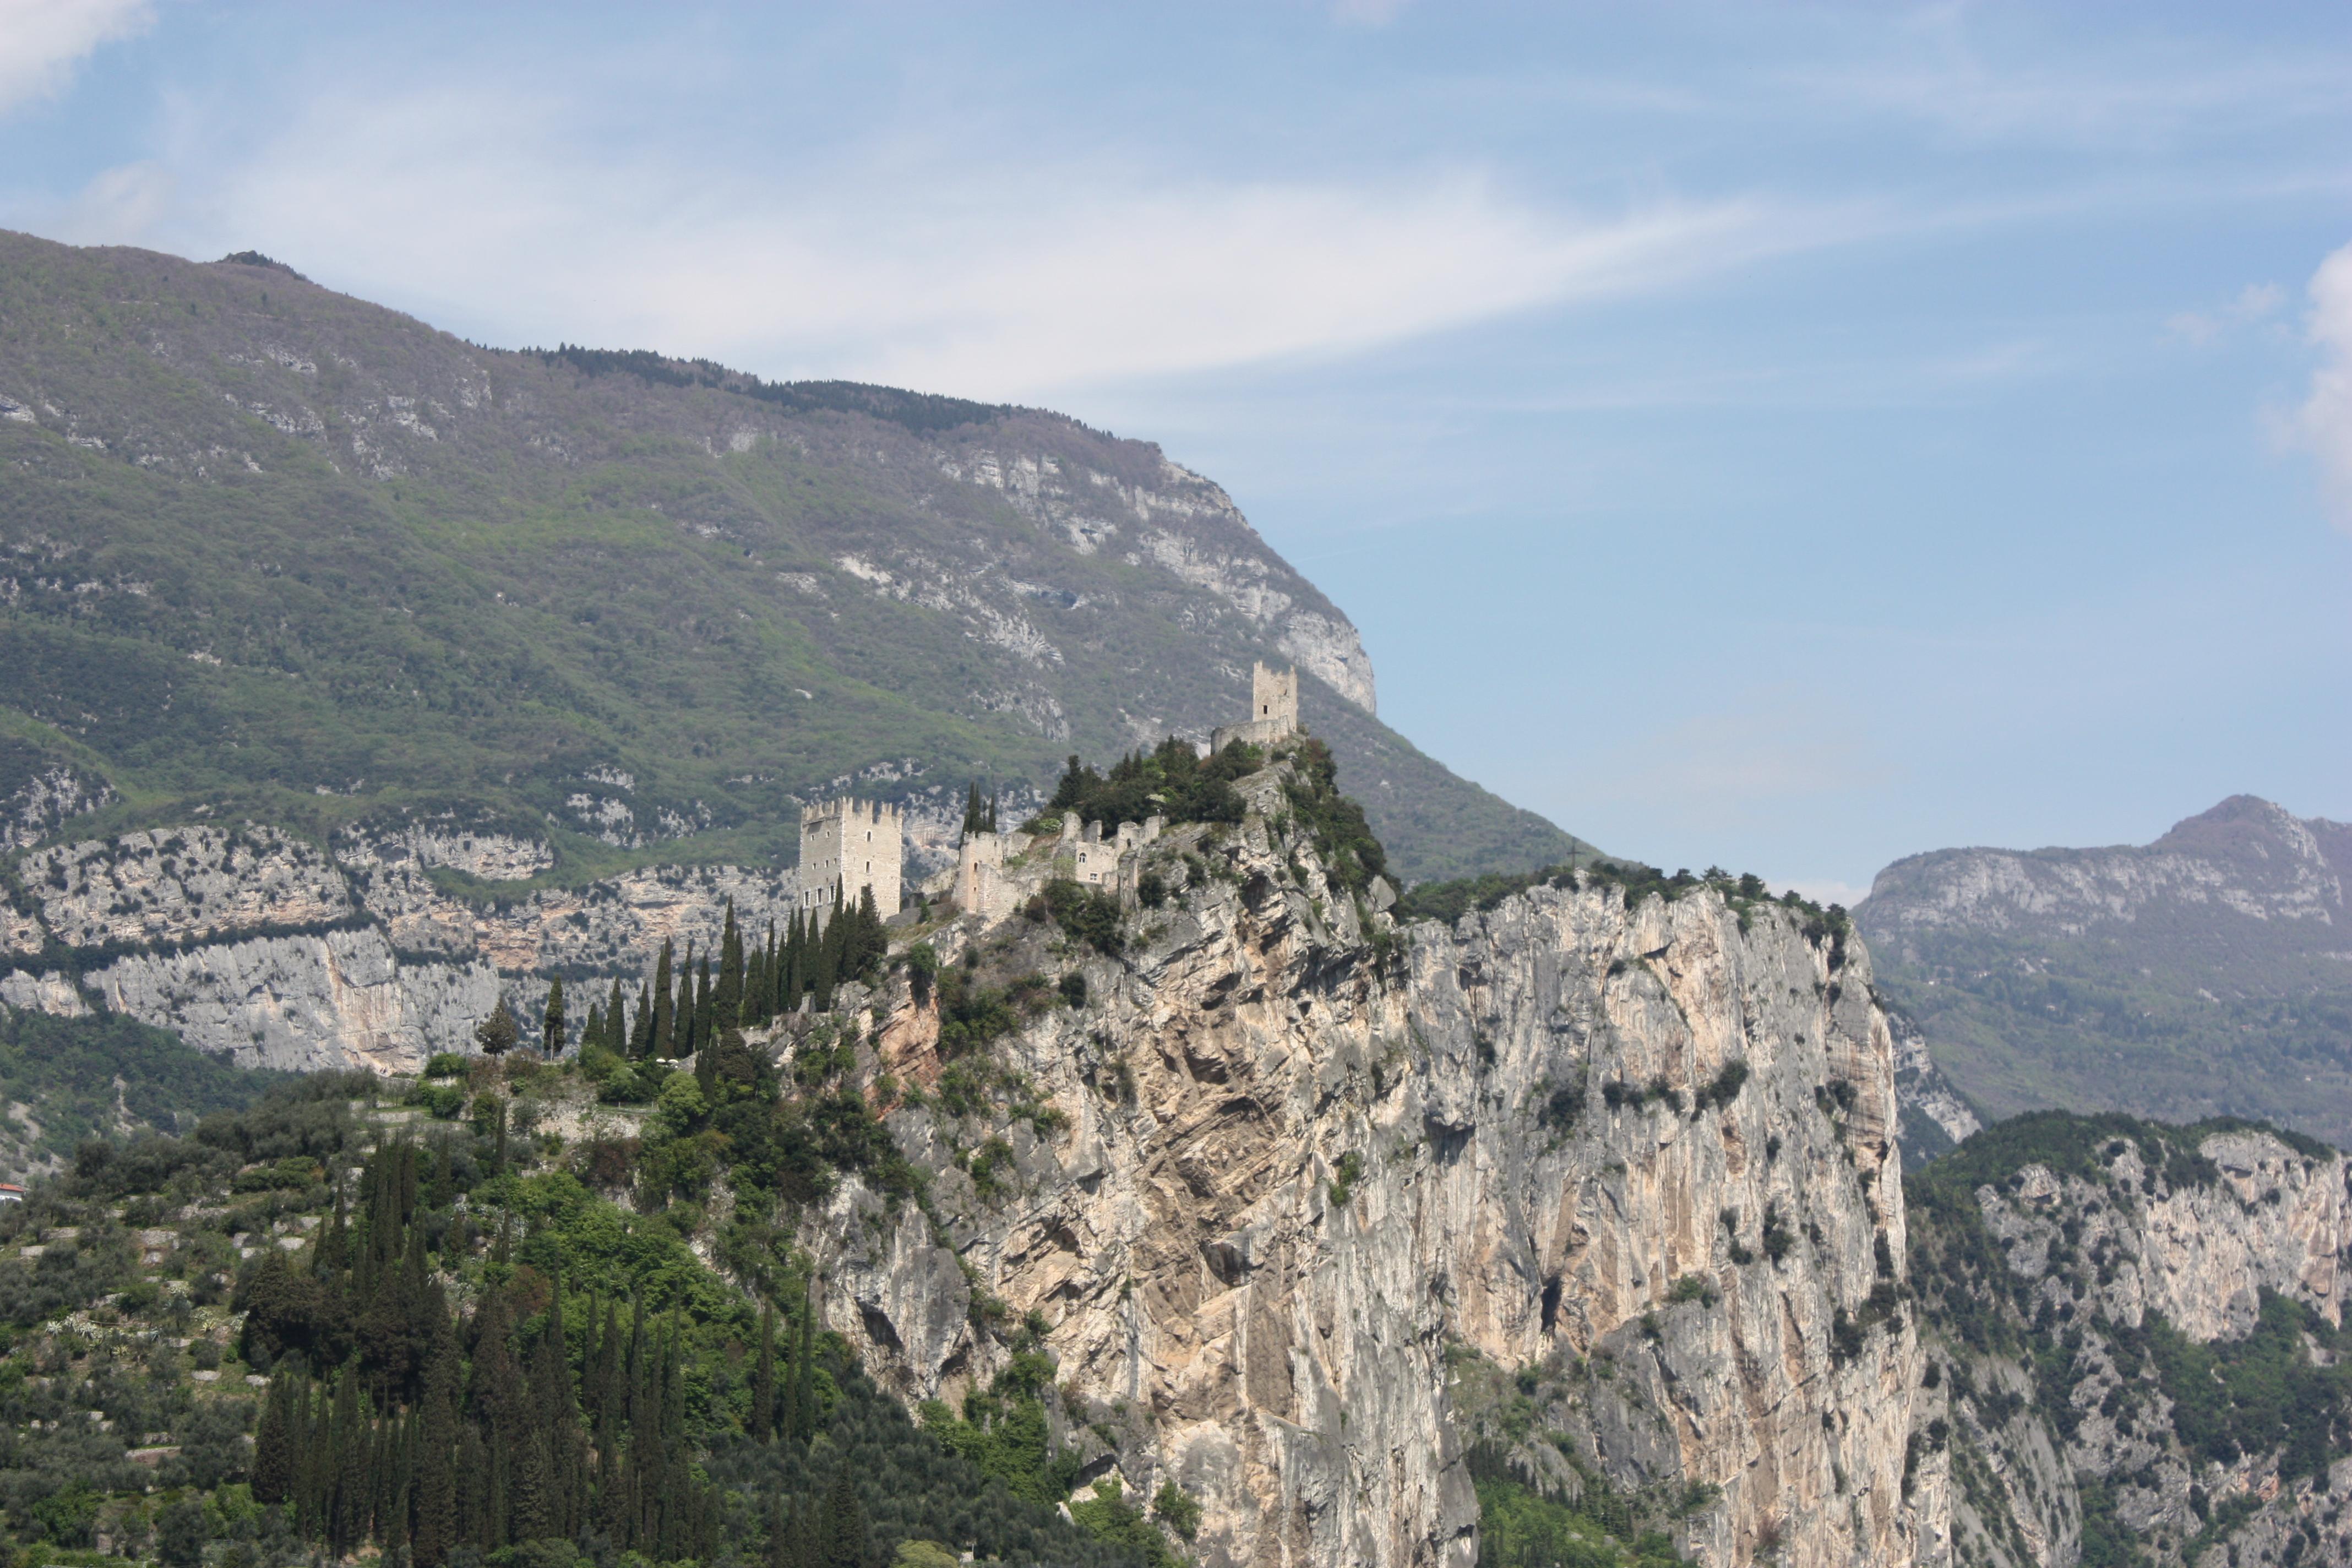 Bastione localizado no topo da montanha